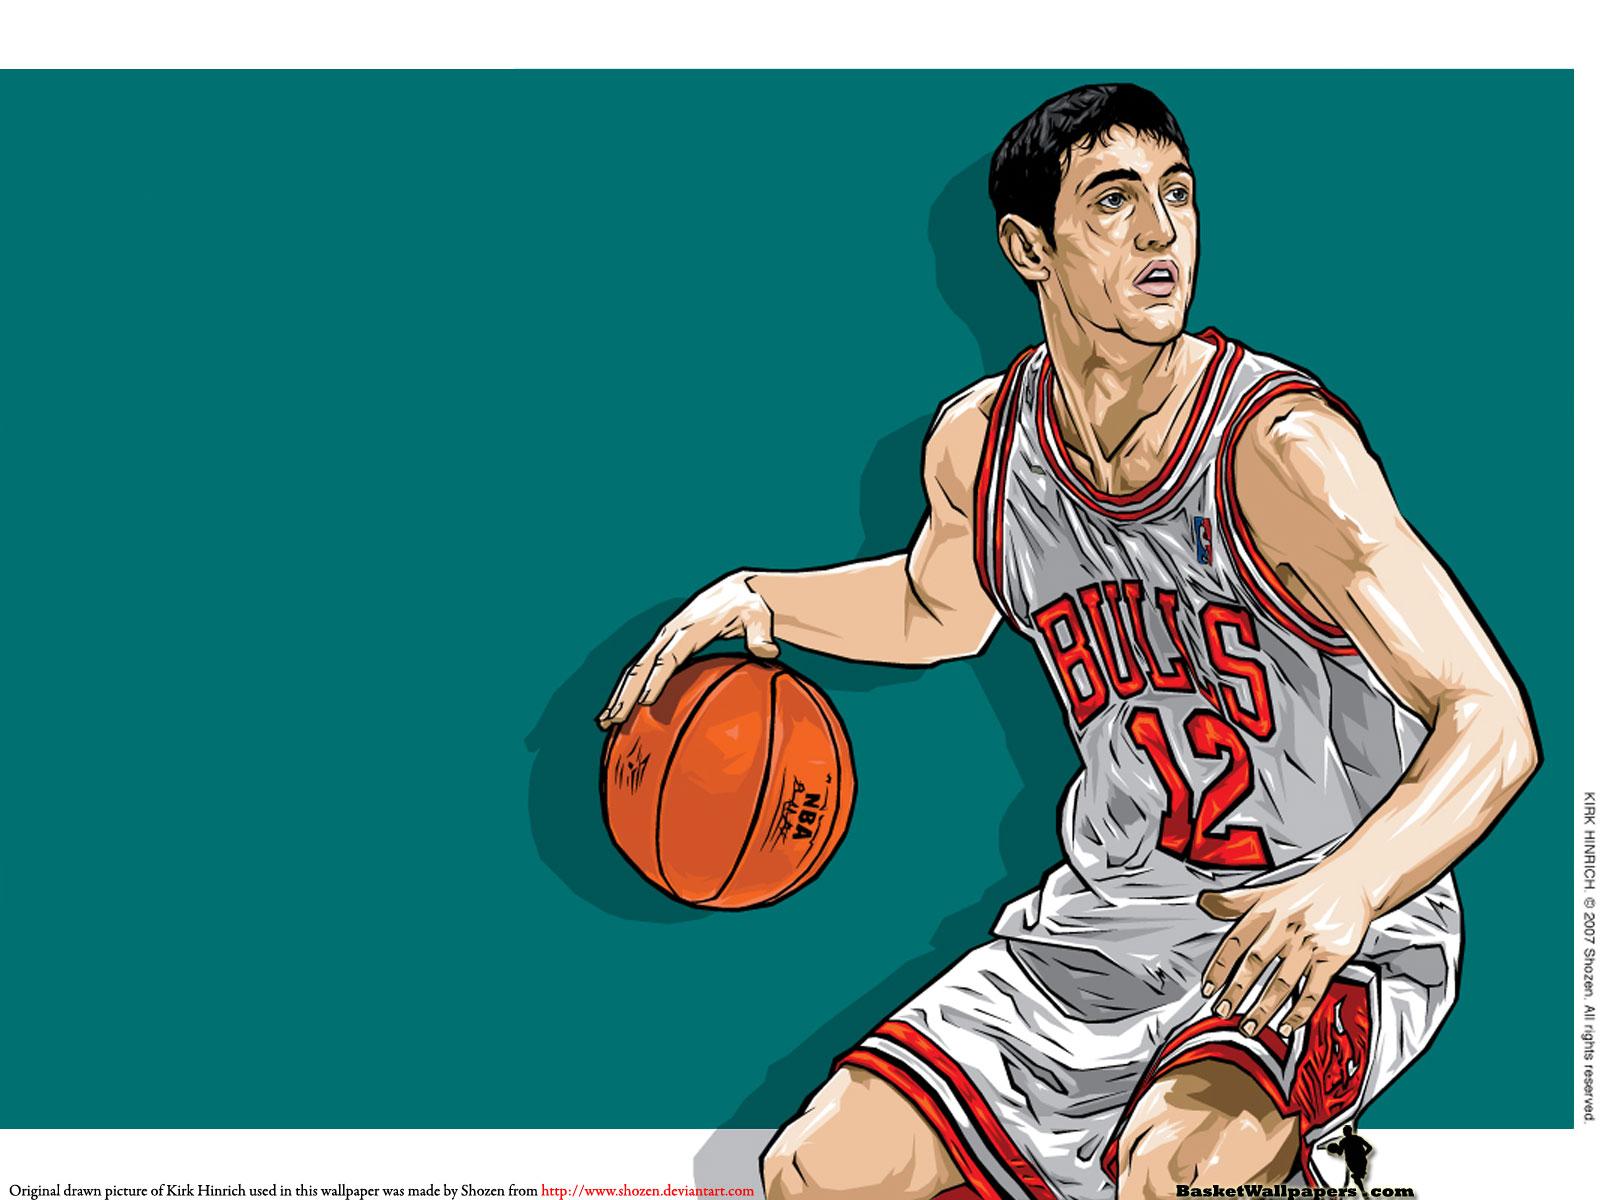 http://3.bp.blogspot.com/_0_IbsH3Iw48/TMATCenIFTI/AAAAAAAAC7E/q8yzk-CC3Eo/s1600/Kirk-Hinrich-Drawn-Wallpaper.jpg